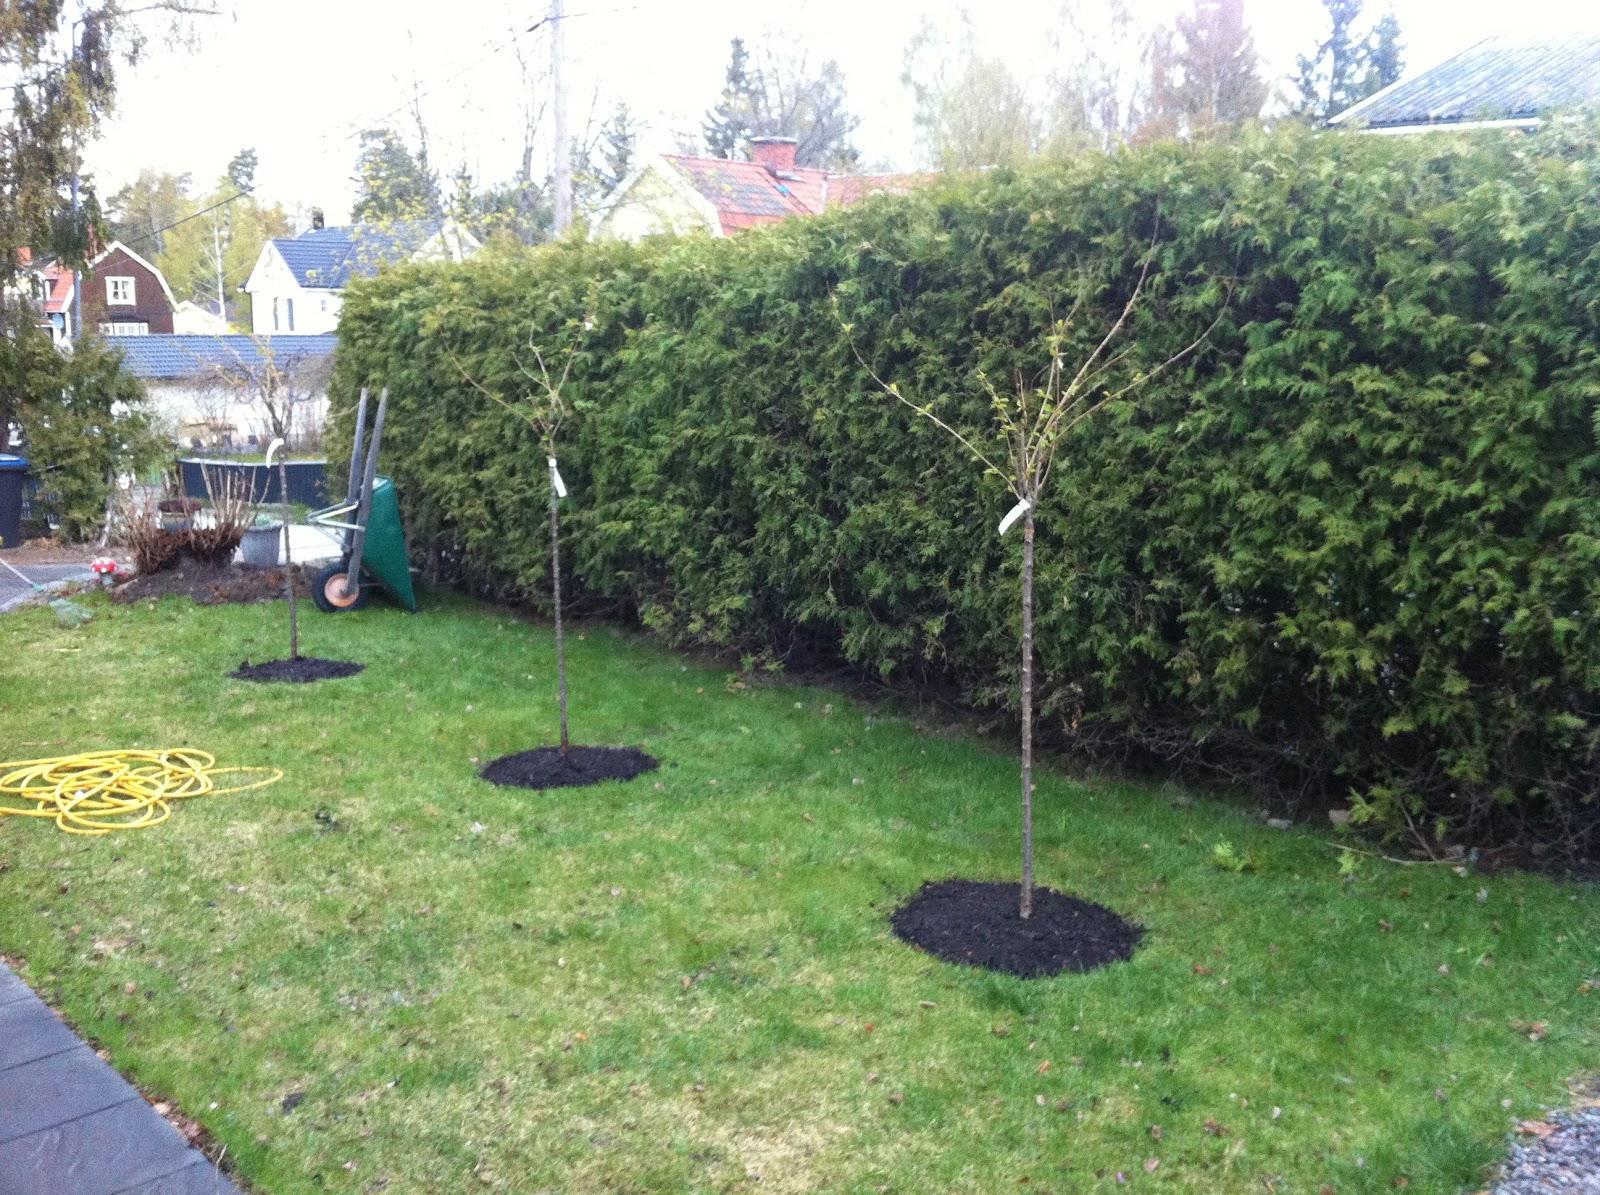 Njut i din trädgård: plantera mera!